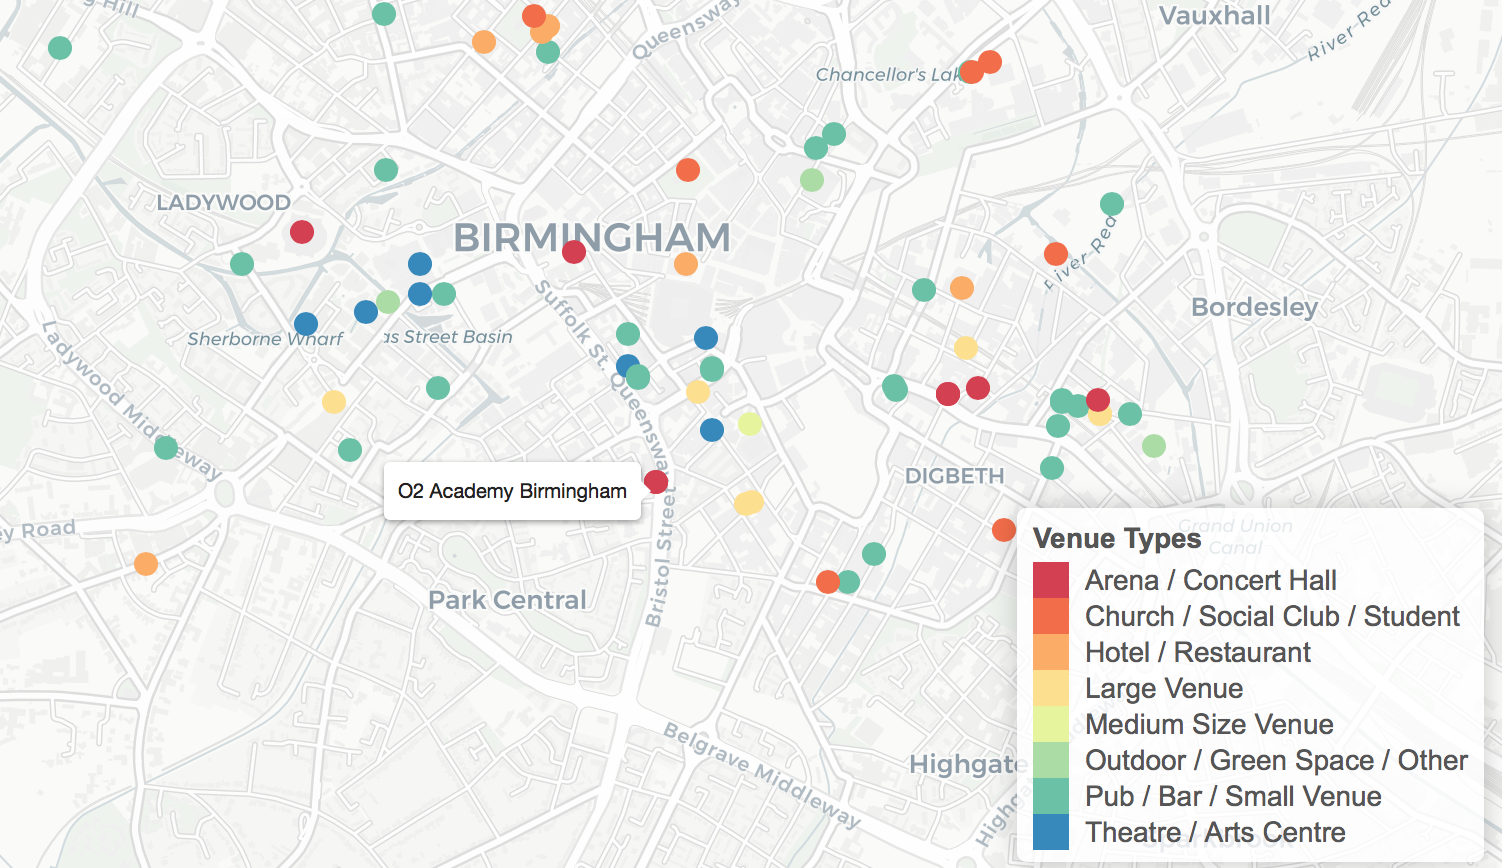 Venue Map image (BLMP post)